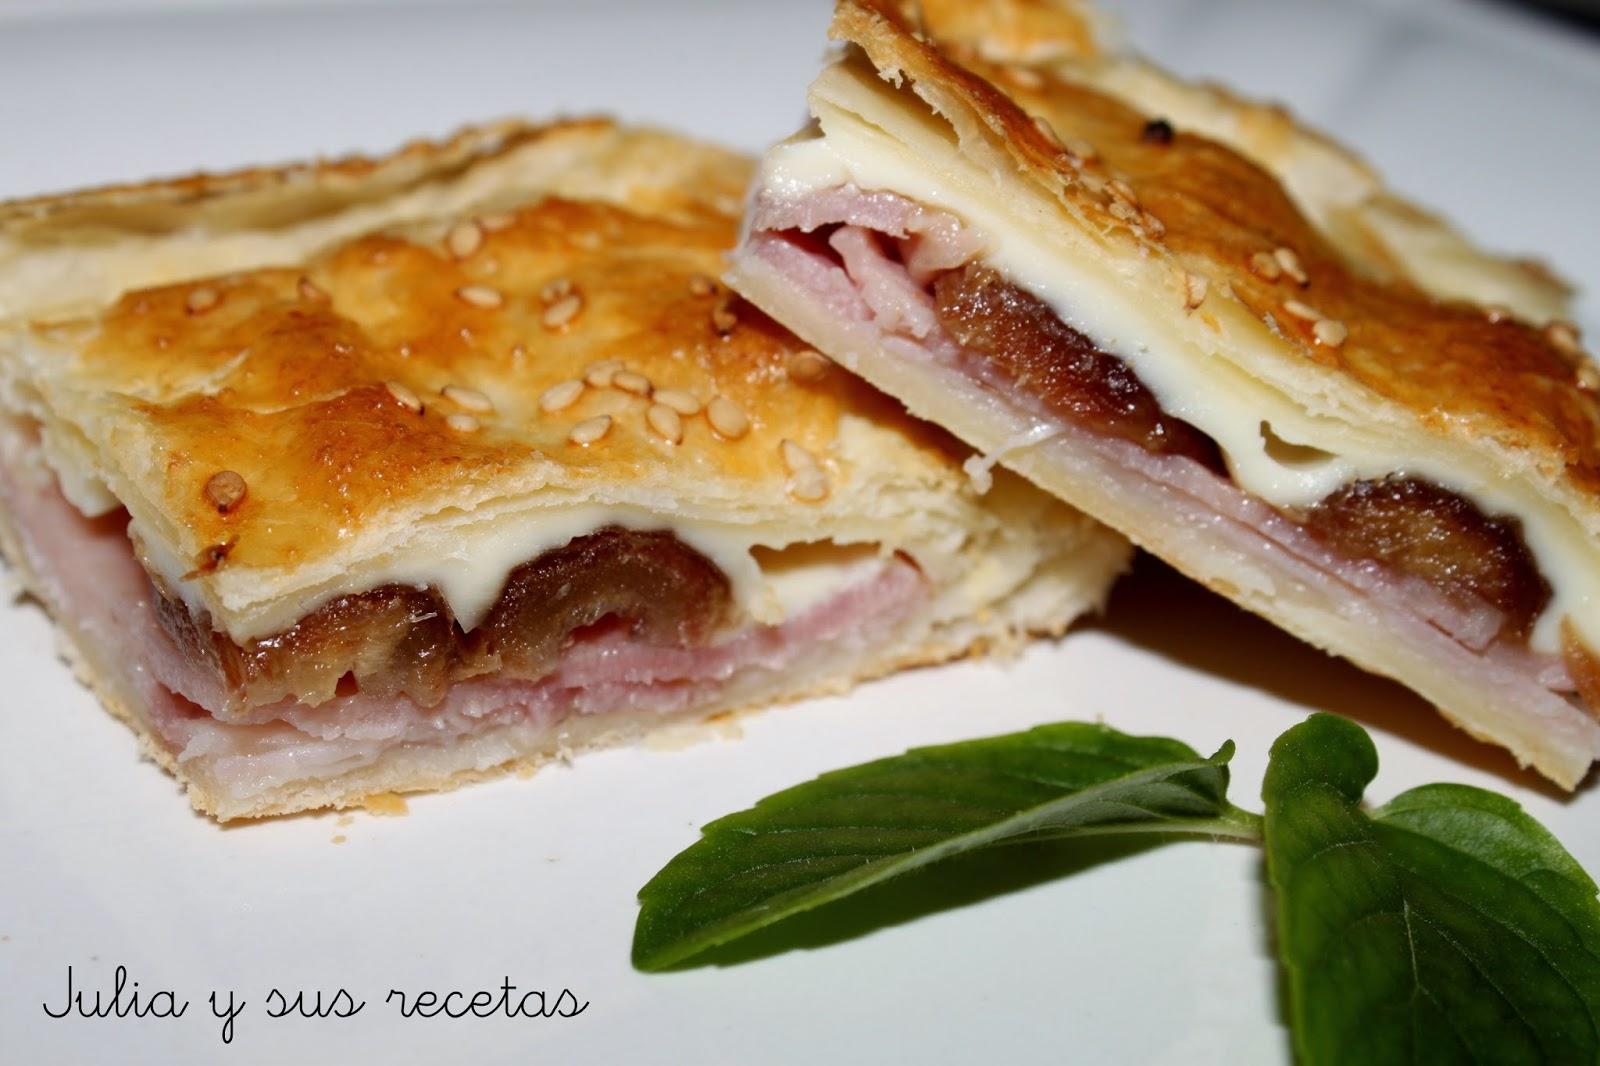 6 Deliciosa Empanadas Para Una Comida O Cena R Pidas Cocina ~ Recetas Para Una Cena Con Amigos